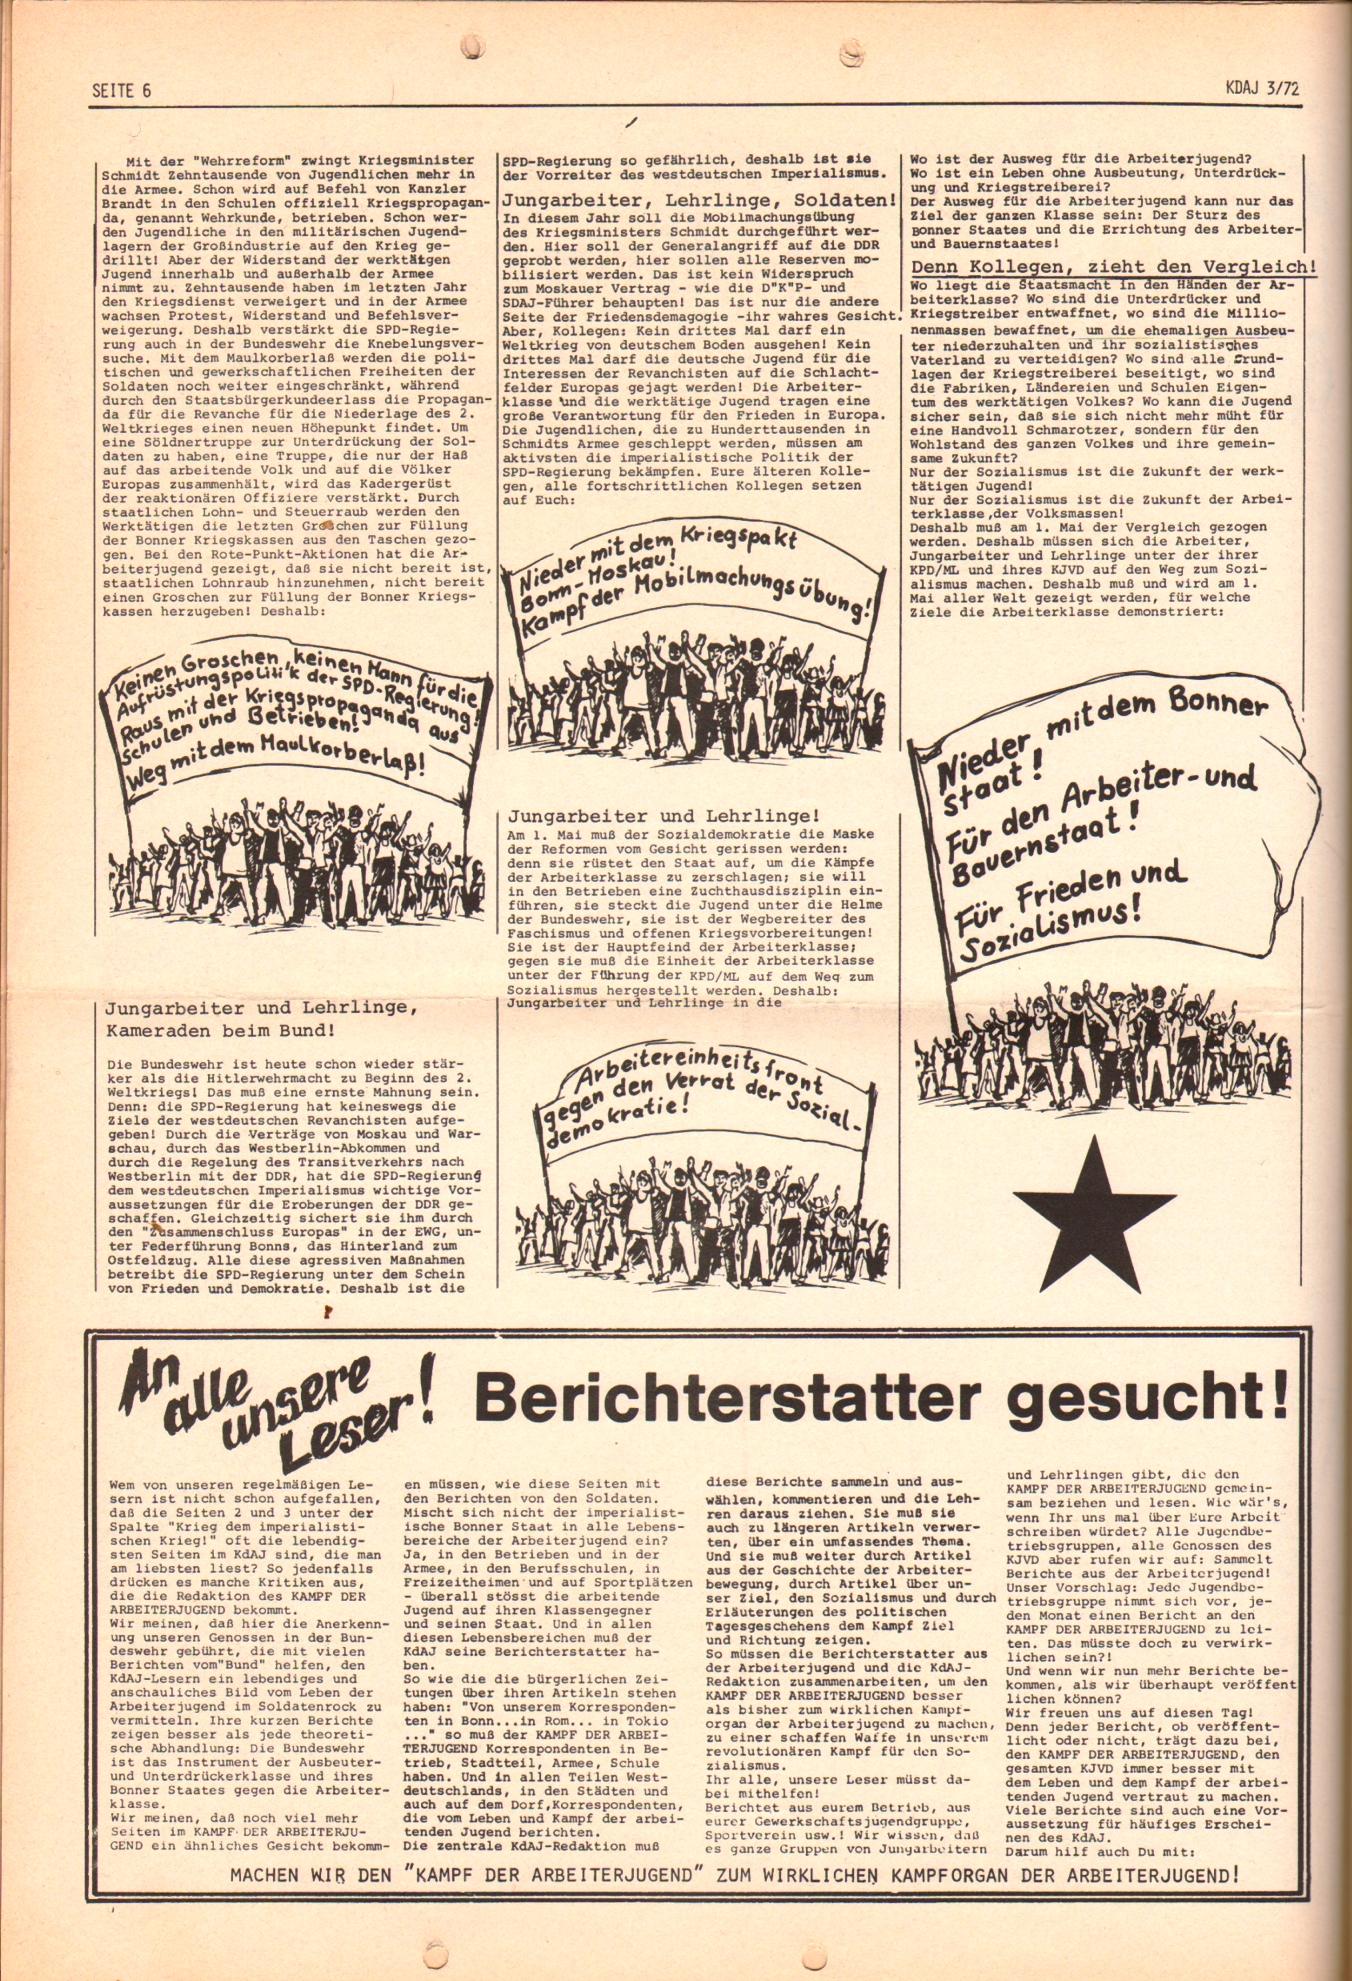 KDAJ, 3. Jg., April 1972, Nr. 3, Seite 6